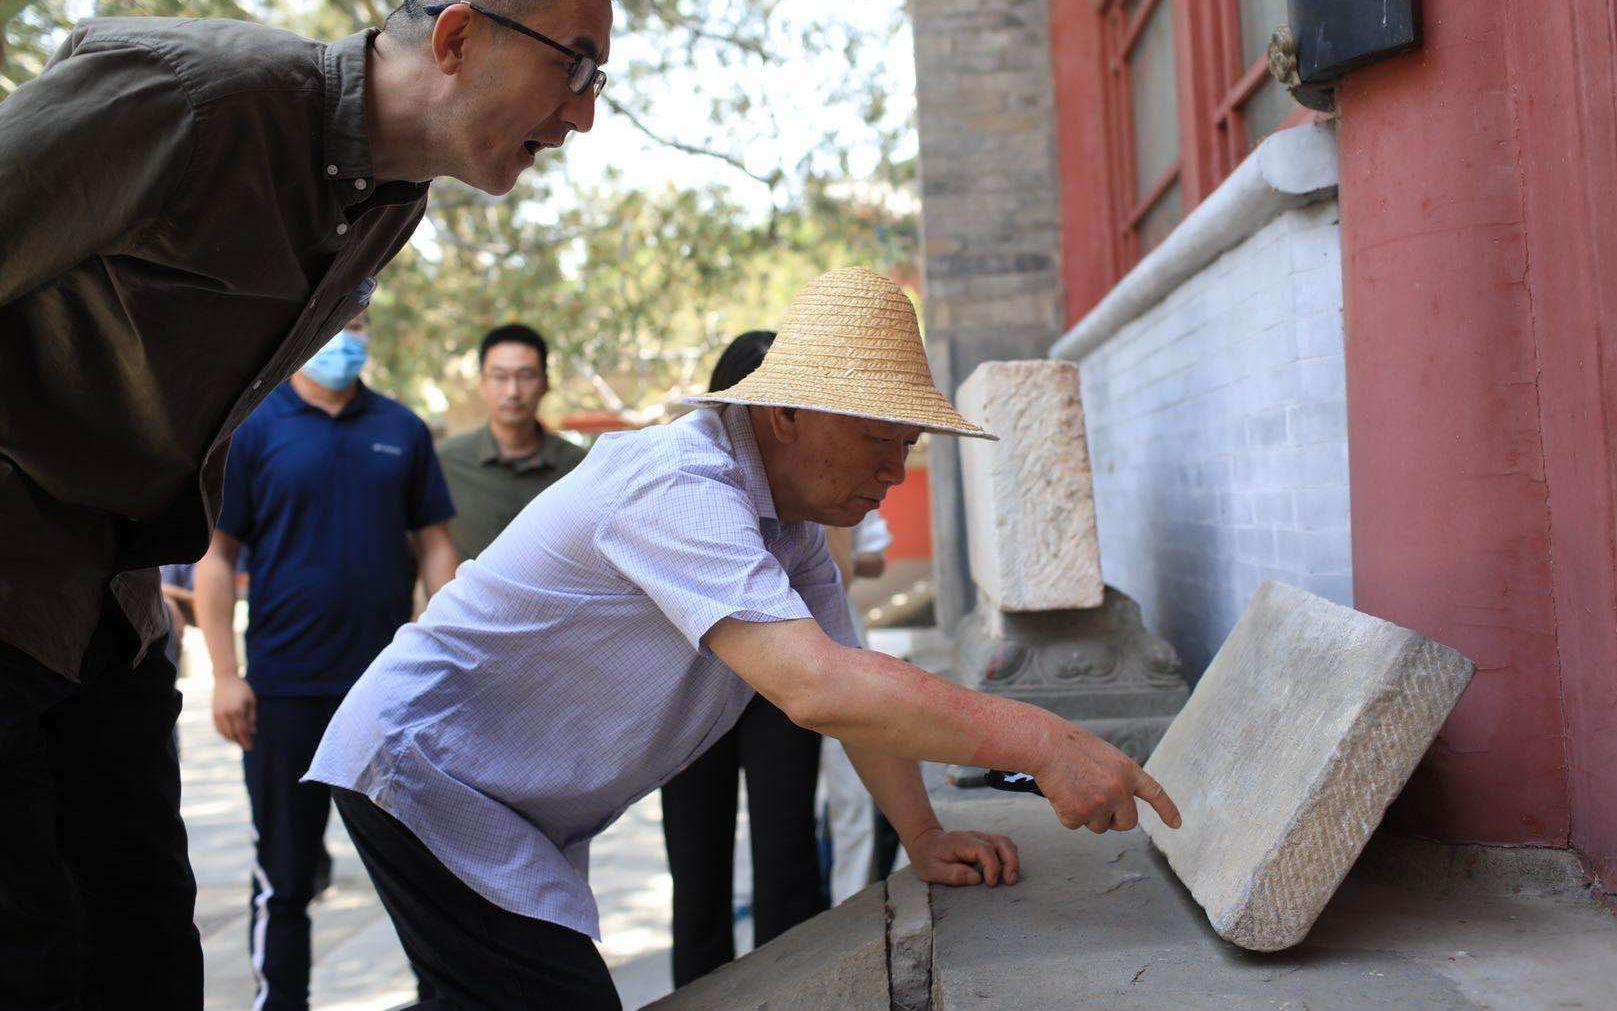 【摩天登录】经板专家北京三处藏石经处全摩天登录部图片